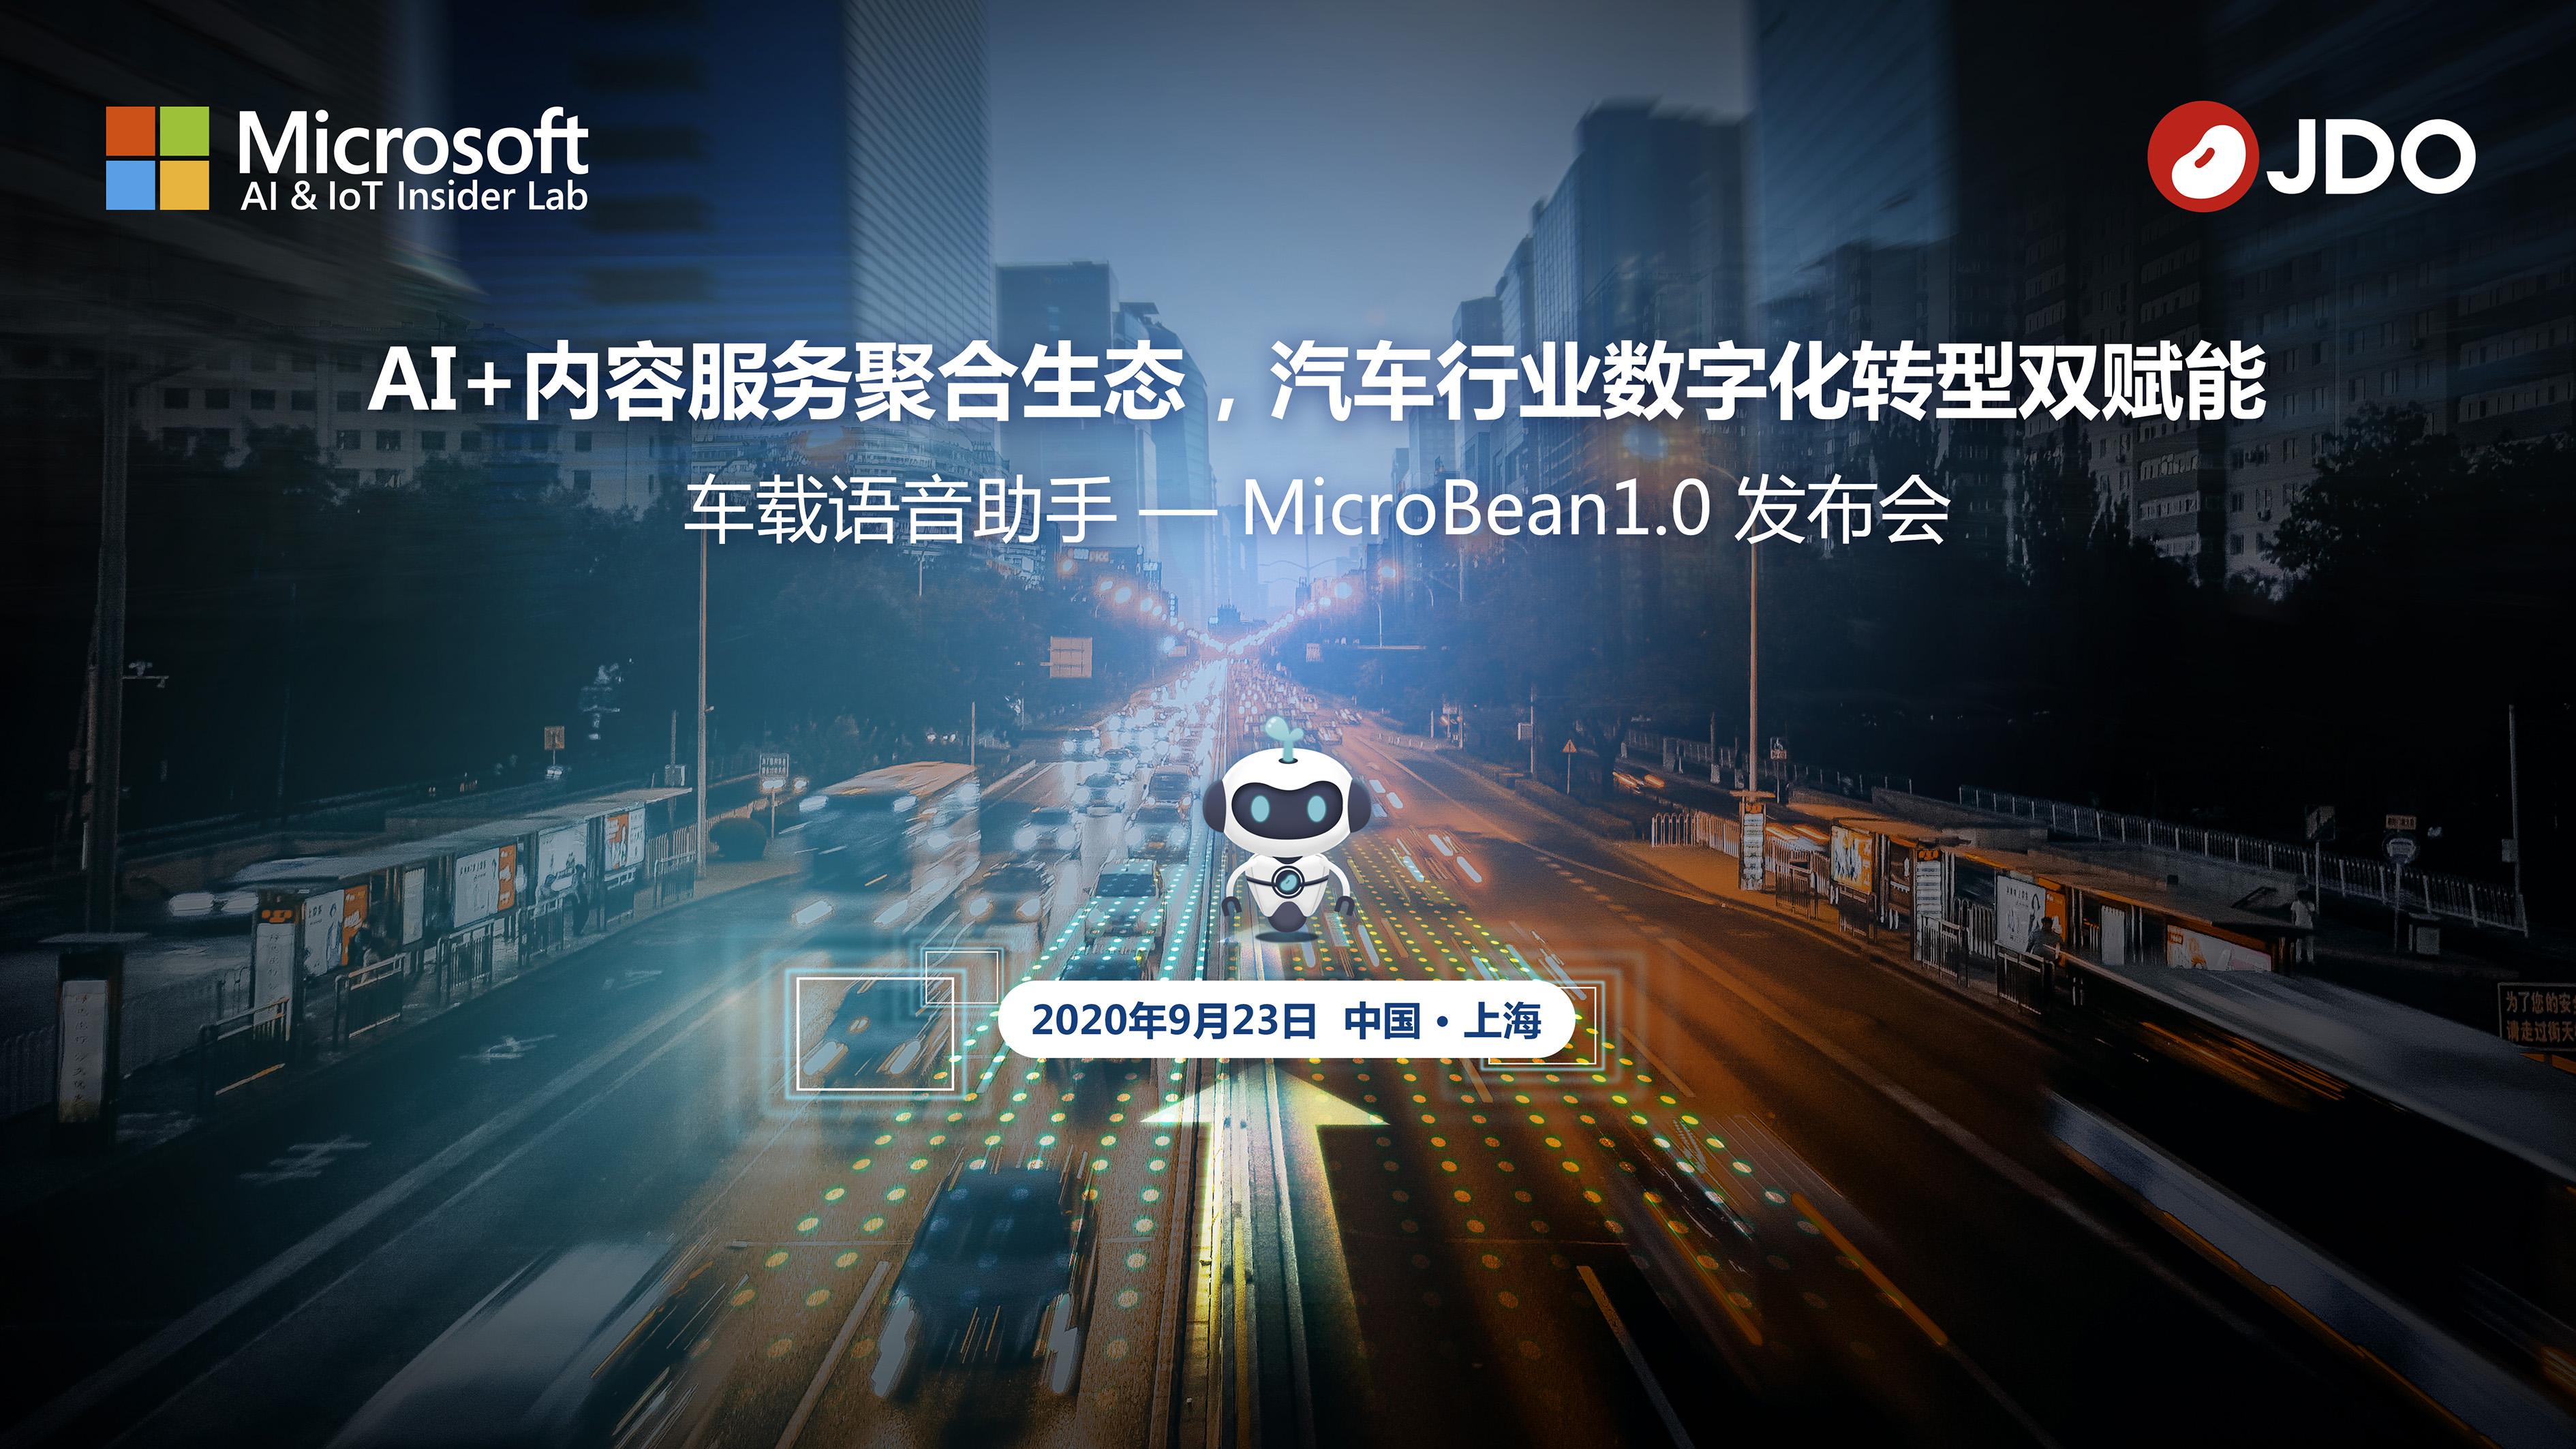 极豆科技发布基于微软云和AI技术的全新车载语音助手Microbean1.0